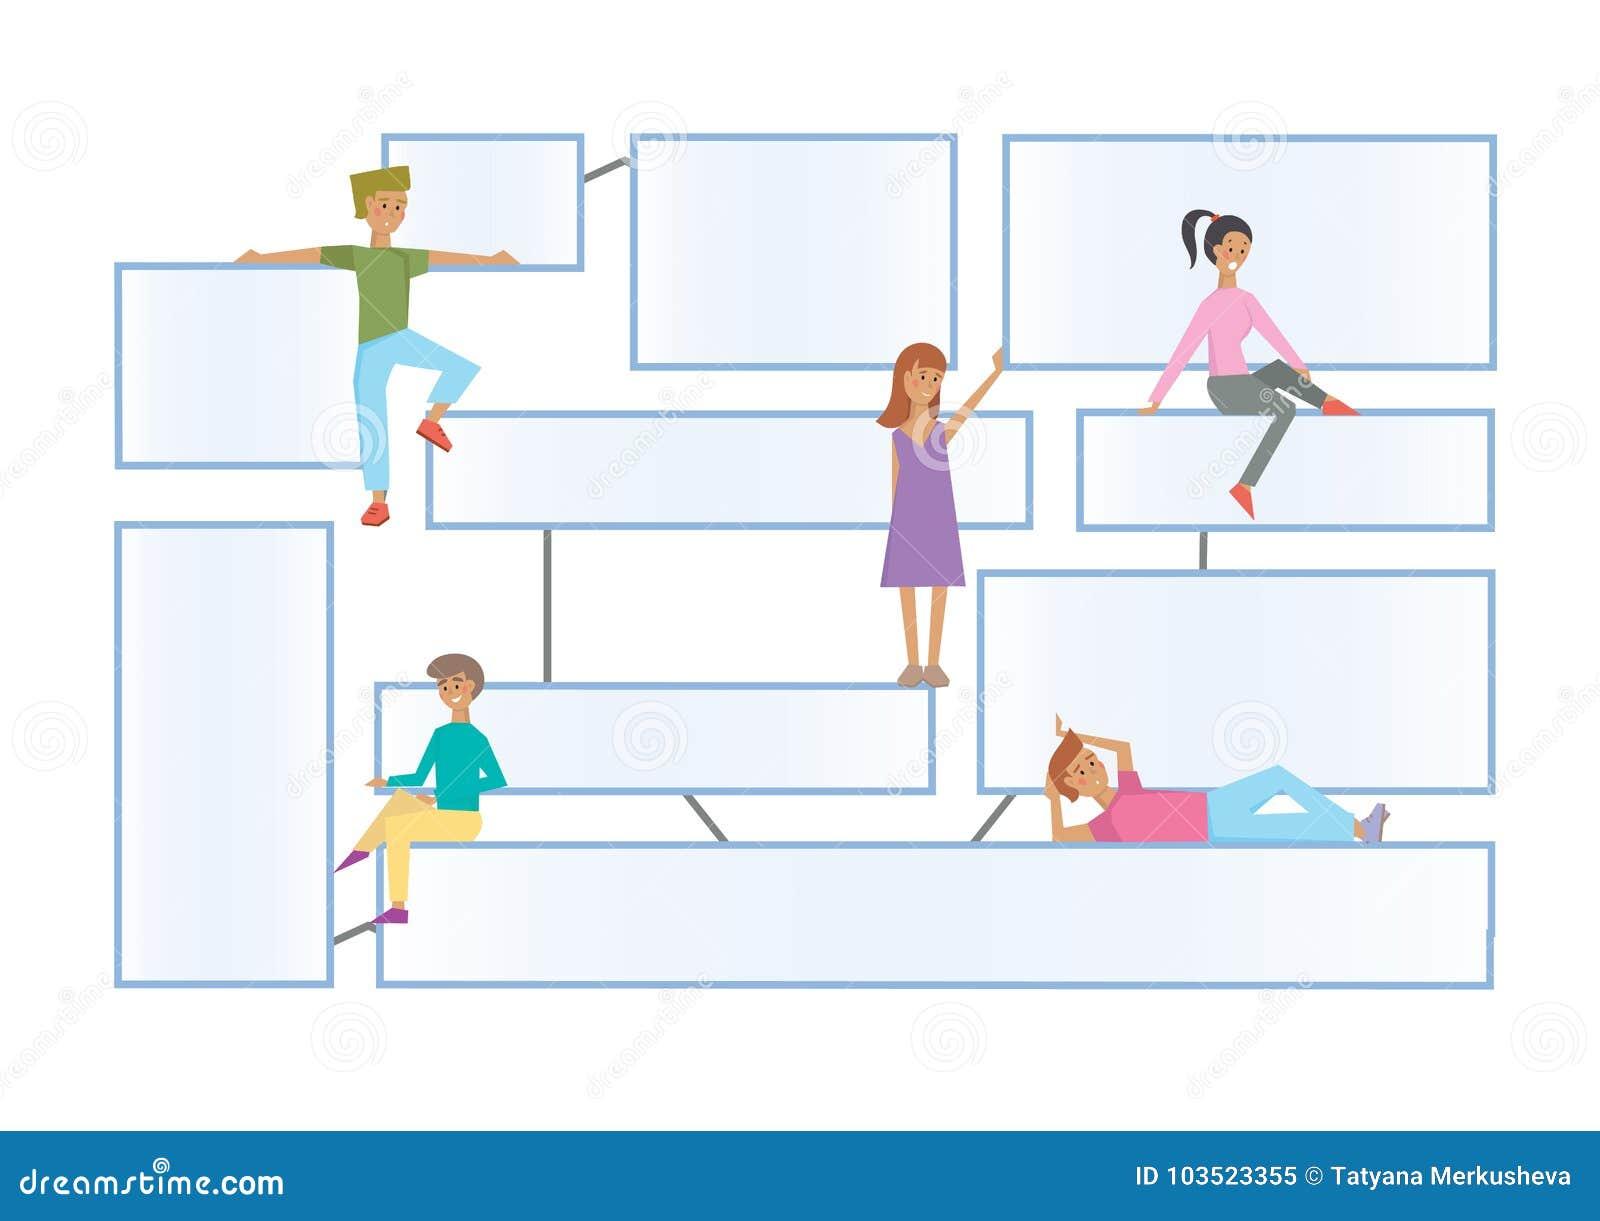 Διάγραμμα ροής latout με τους ανθρώπινους χαρακτήρες σε ένα άσπρο υπόβαθρο Συνδεδεμένα πληροφορία-κιβώτια για την παρουσίαση Info